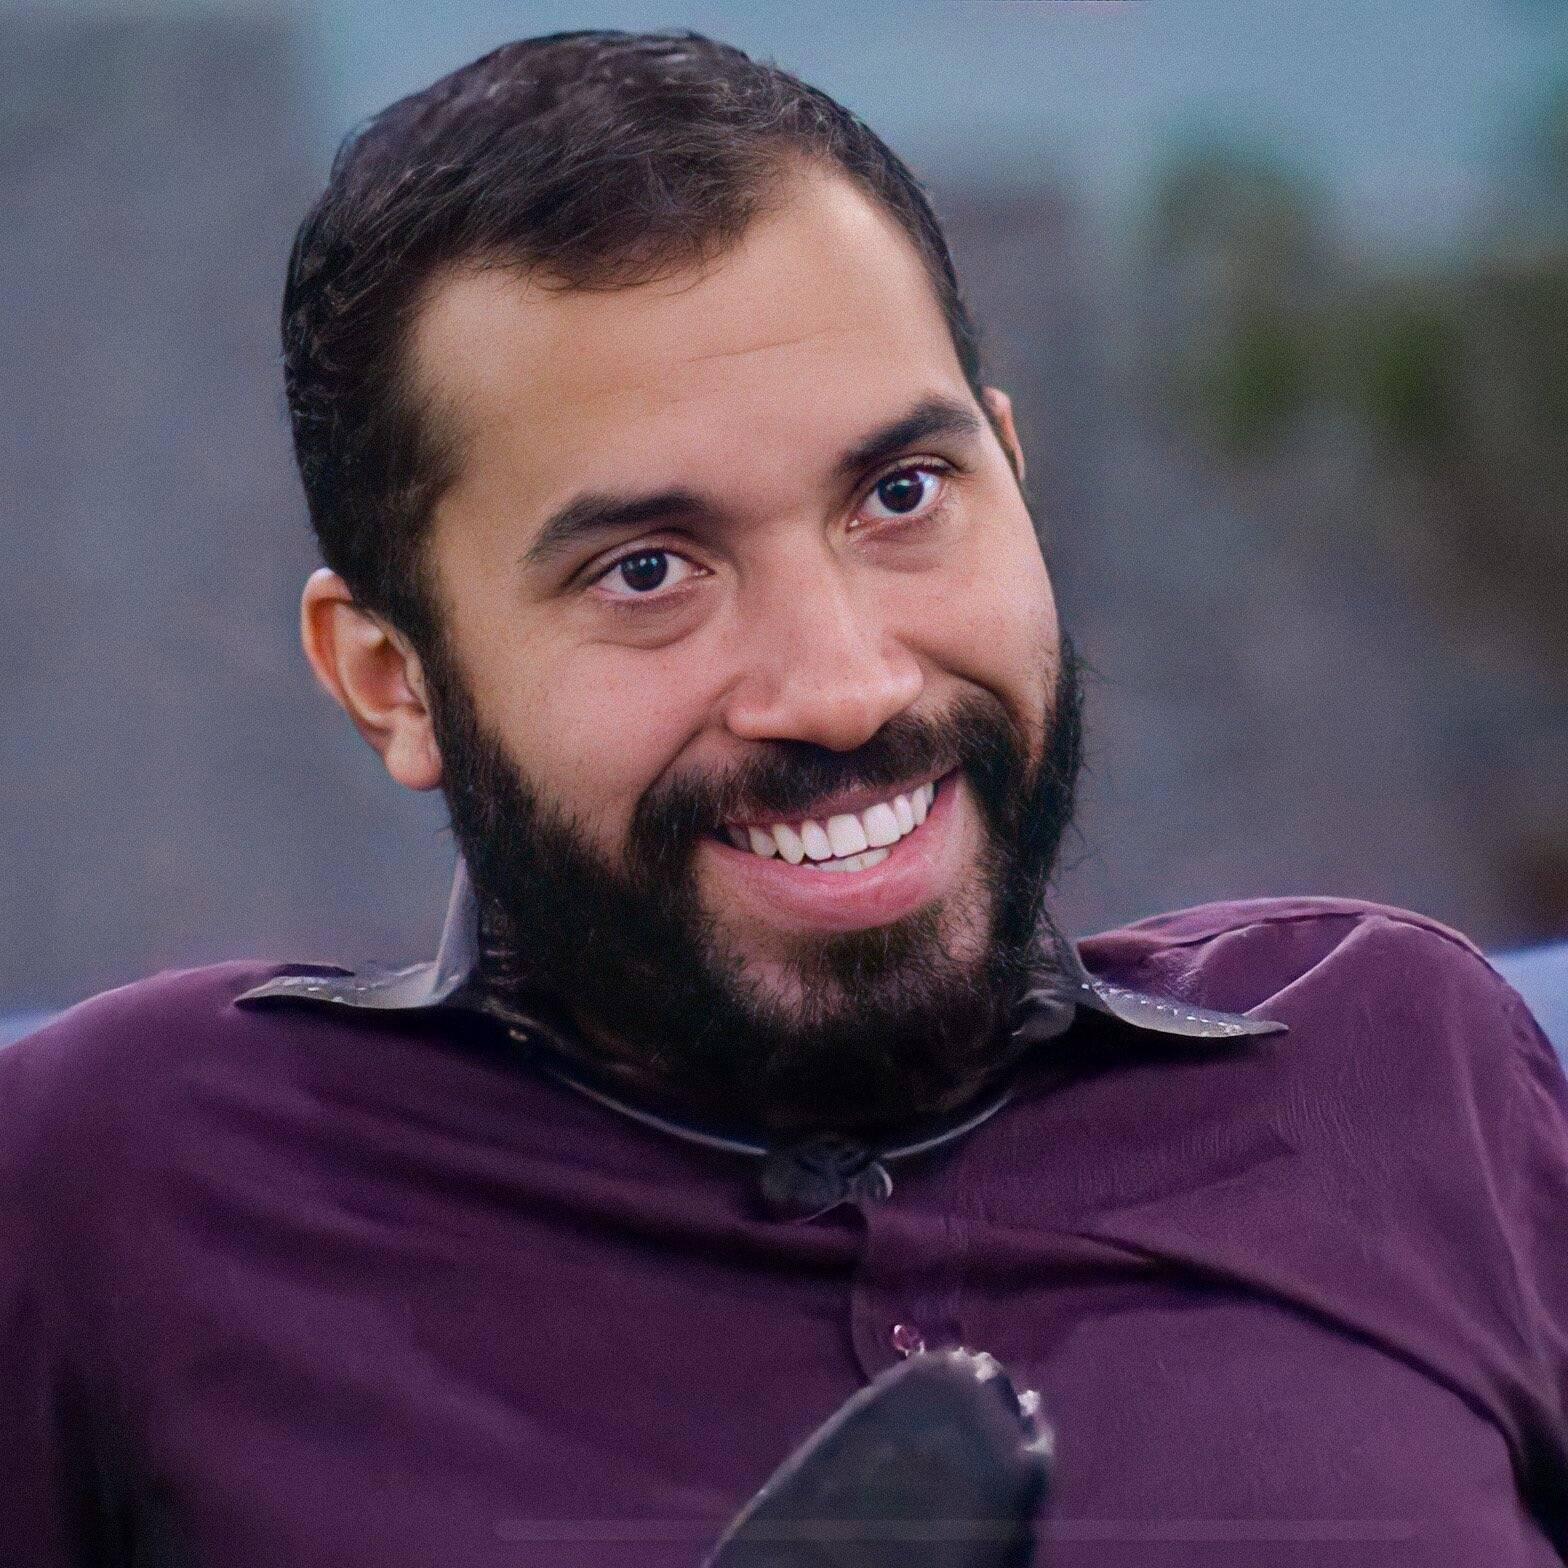 Com foto de crachá, o pernambucano contou que é o mais novo contratado da Globo. (Foto: Reprodução/ Globo)